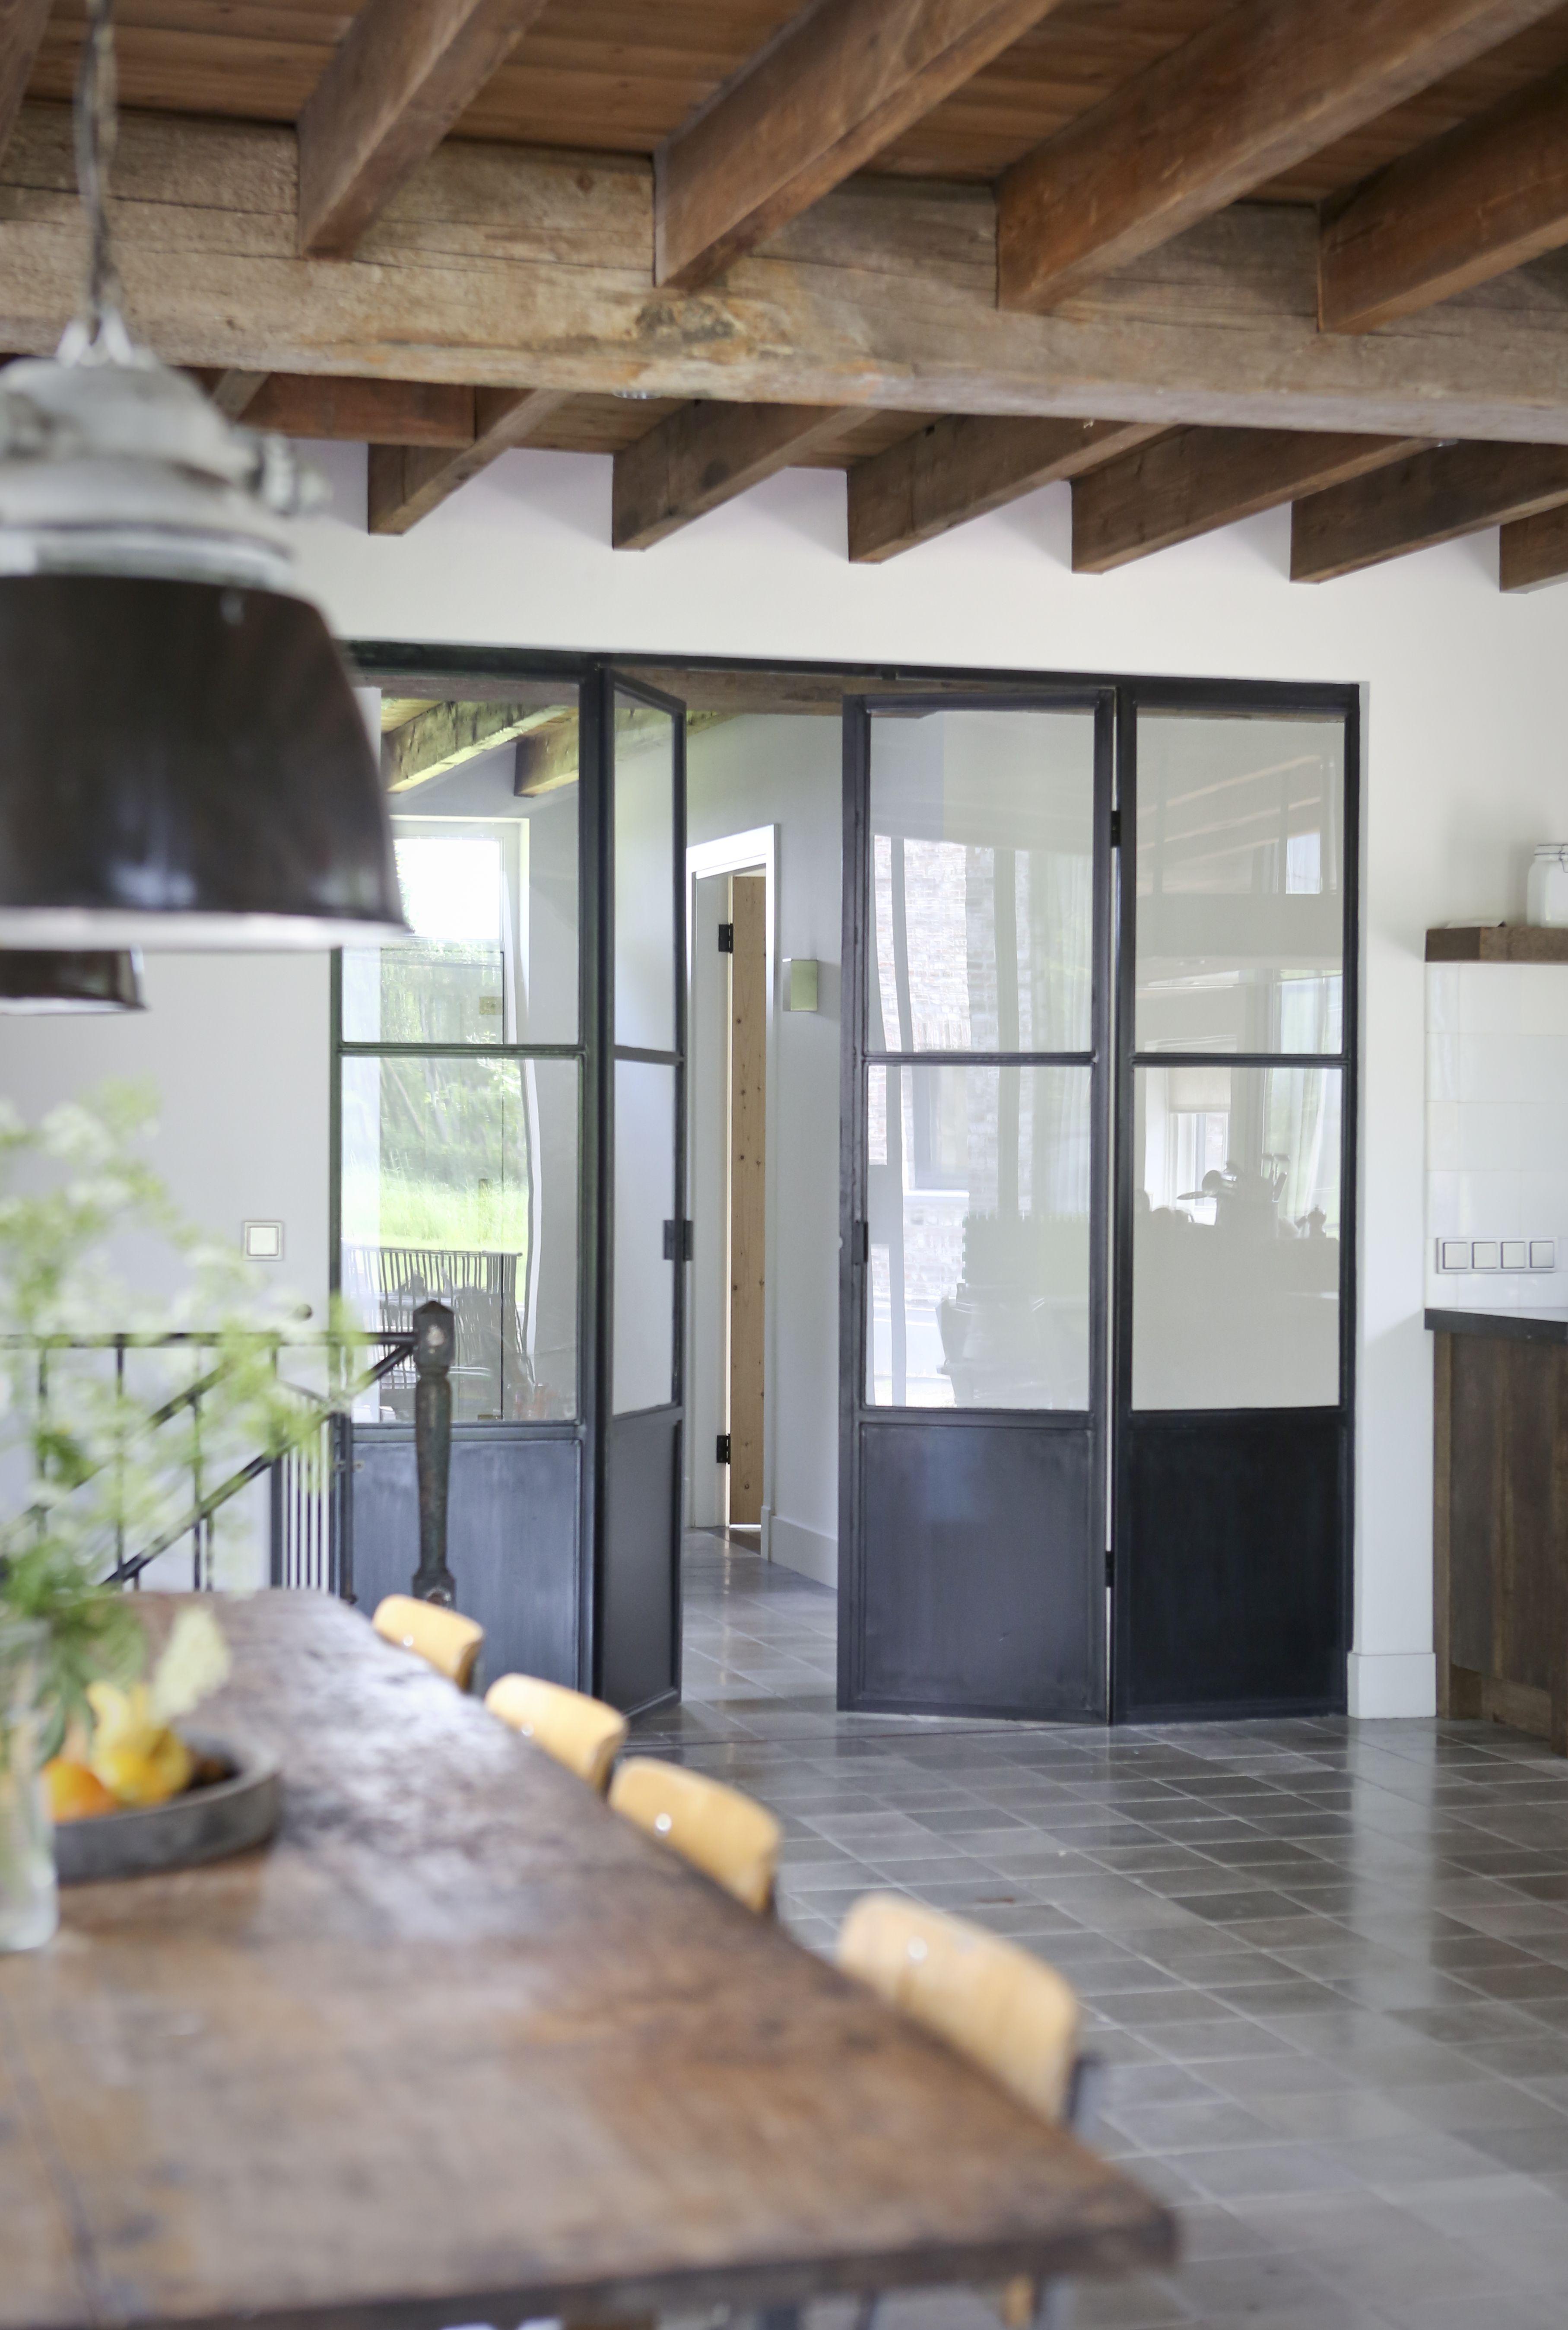 Oud Tafelblad Gecombineerd Met Ijzeren Onderstel Oude Industrielampen Oude Plavuizen Hergebruikt Oud Deuren Interieur Ideeen Voor Thuisdecoratie Huisdesign